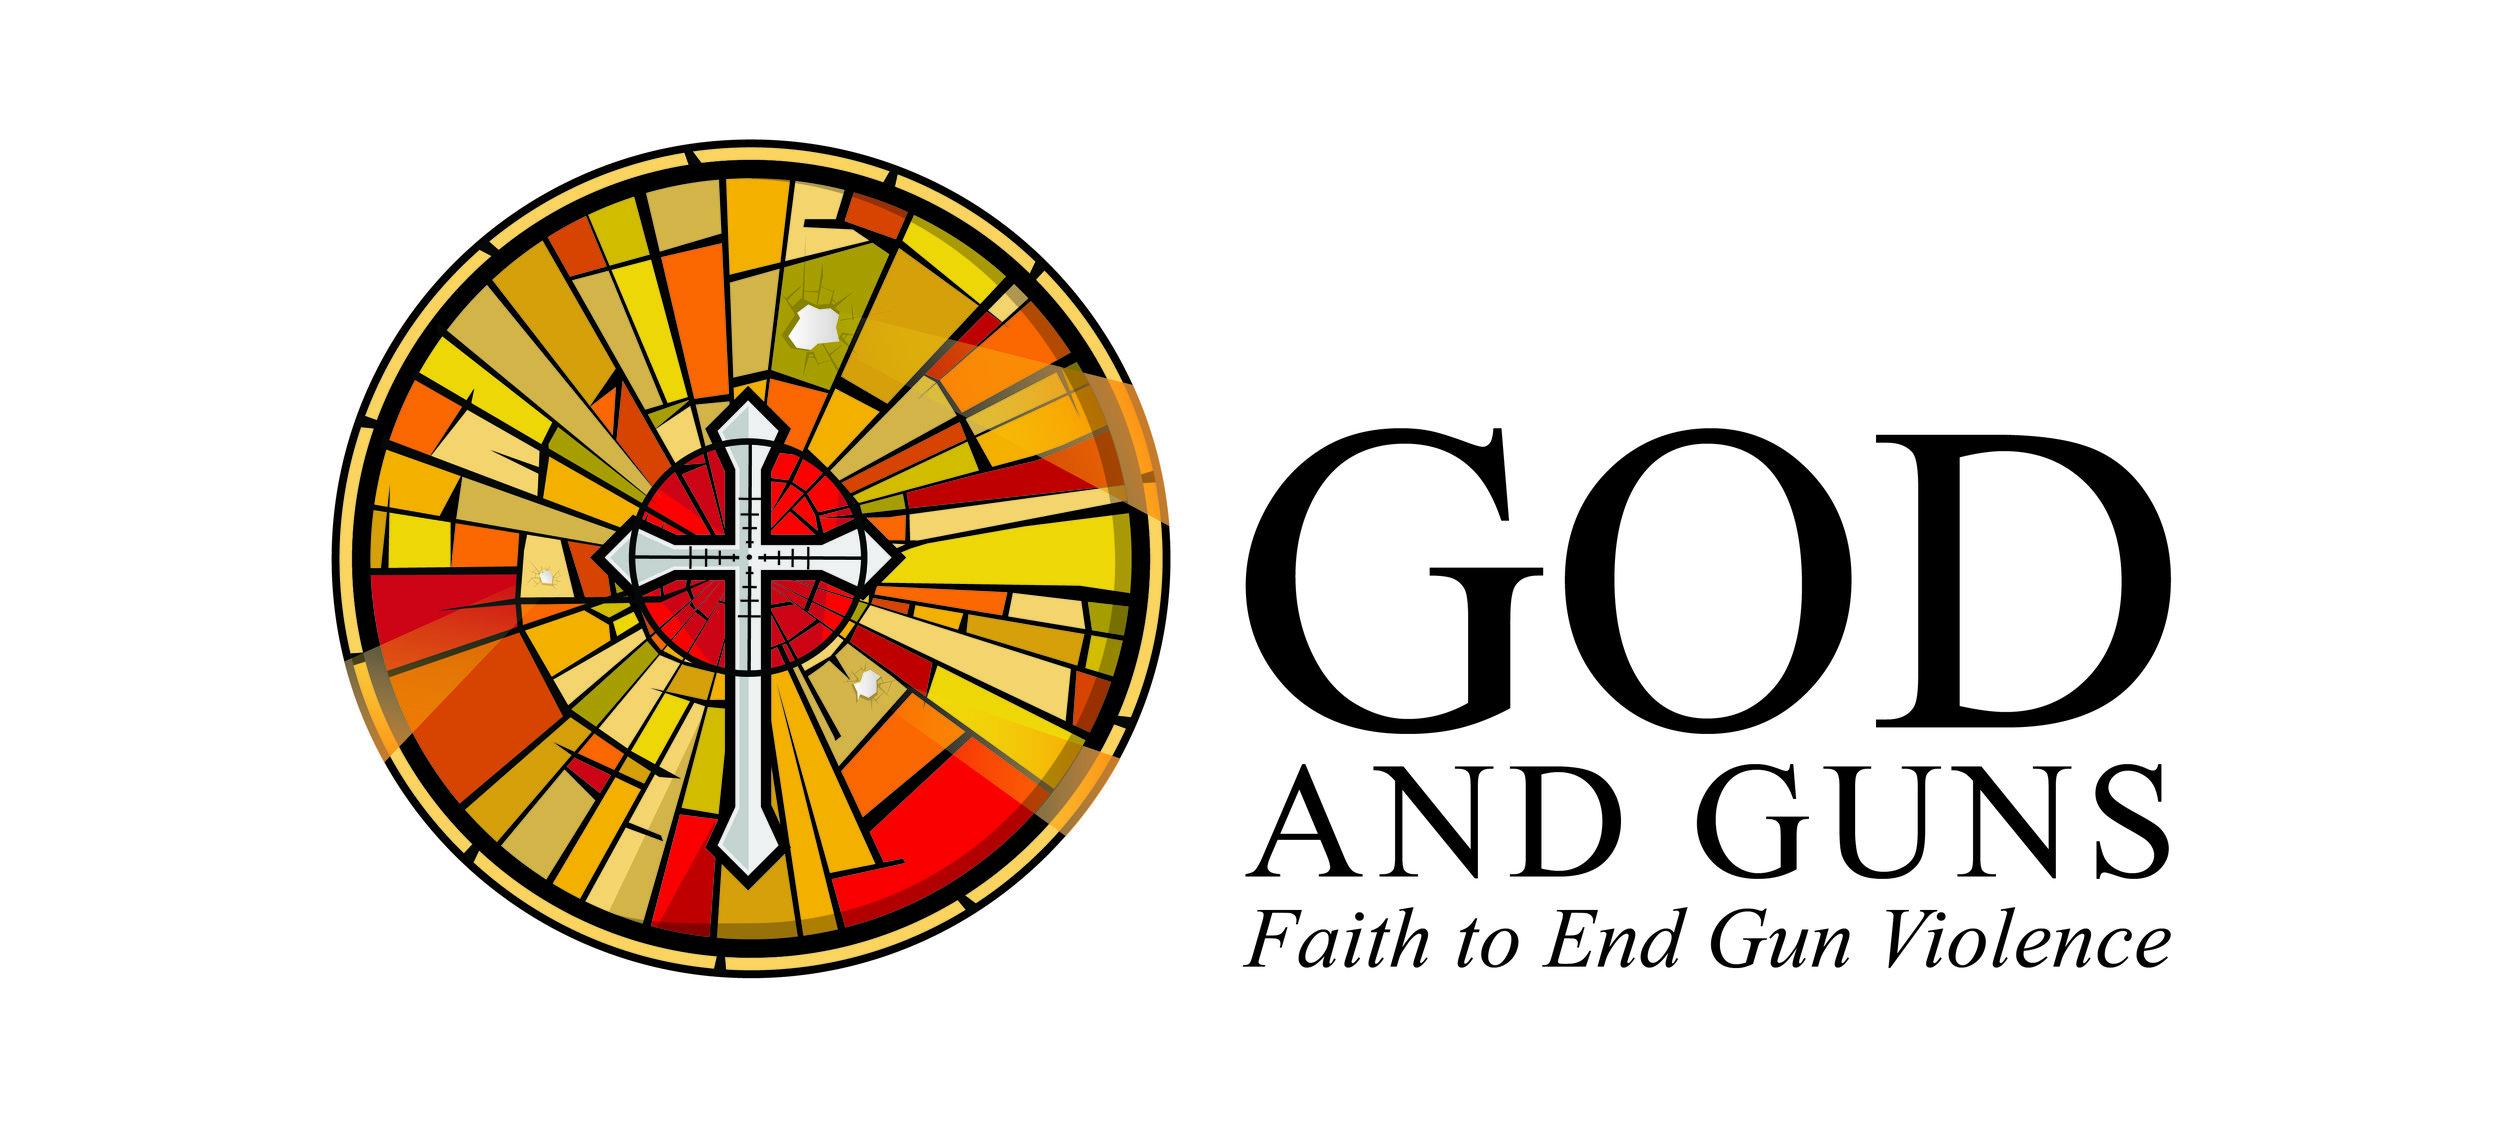 God and guns Final 1.jpg